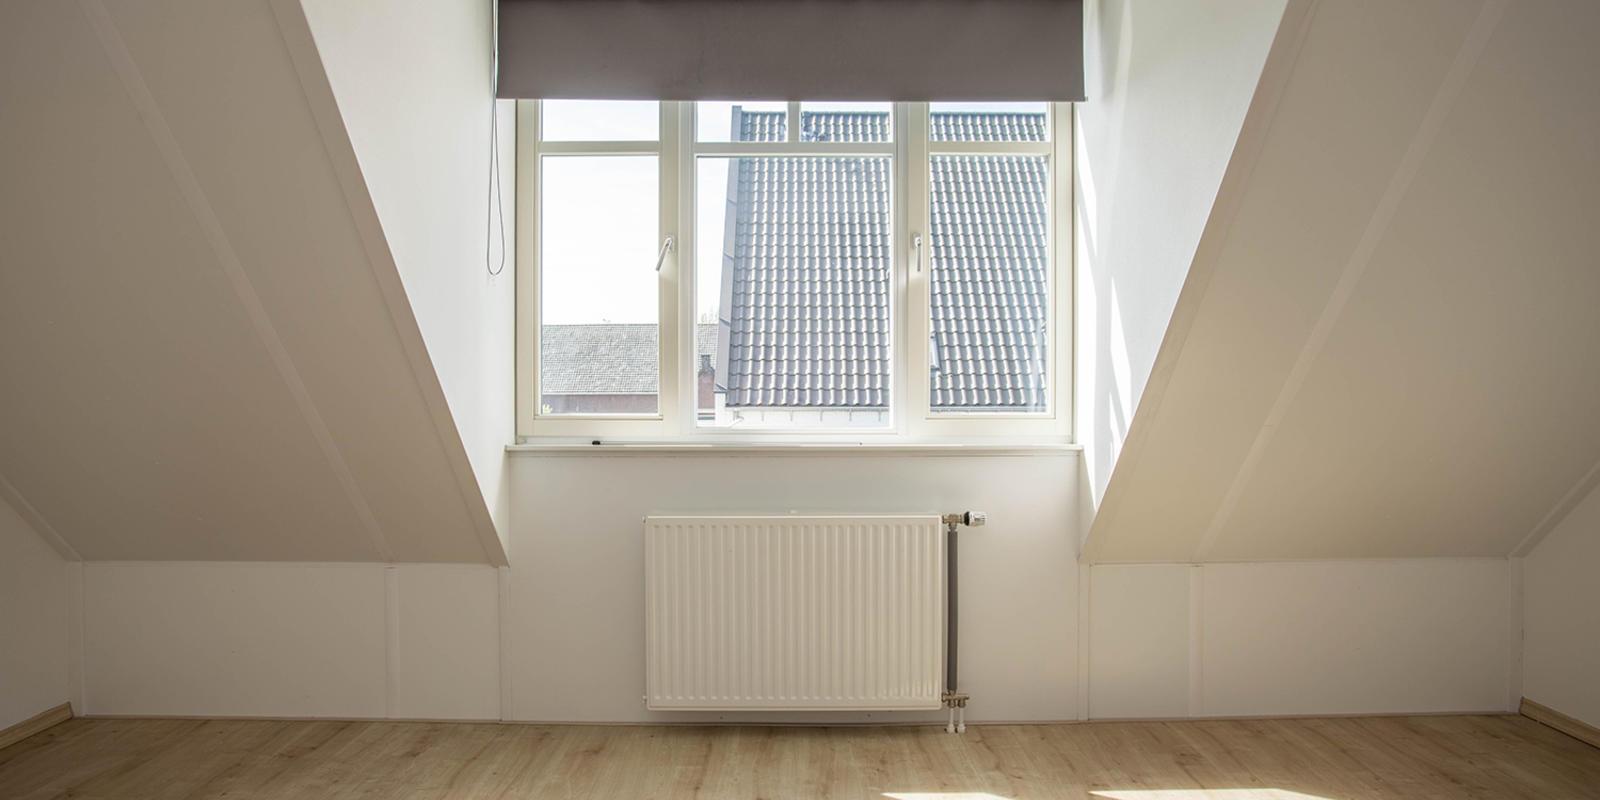 dakkapel kosten inclusief plaatsen